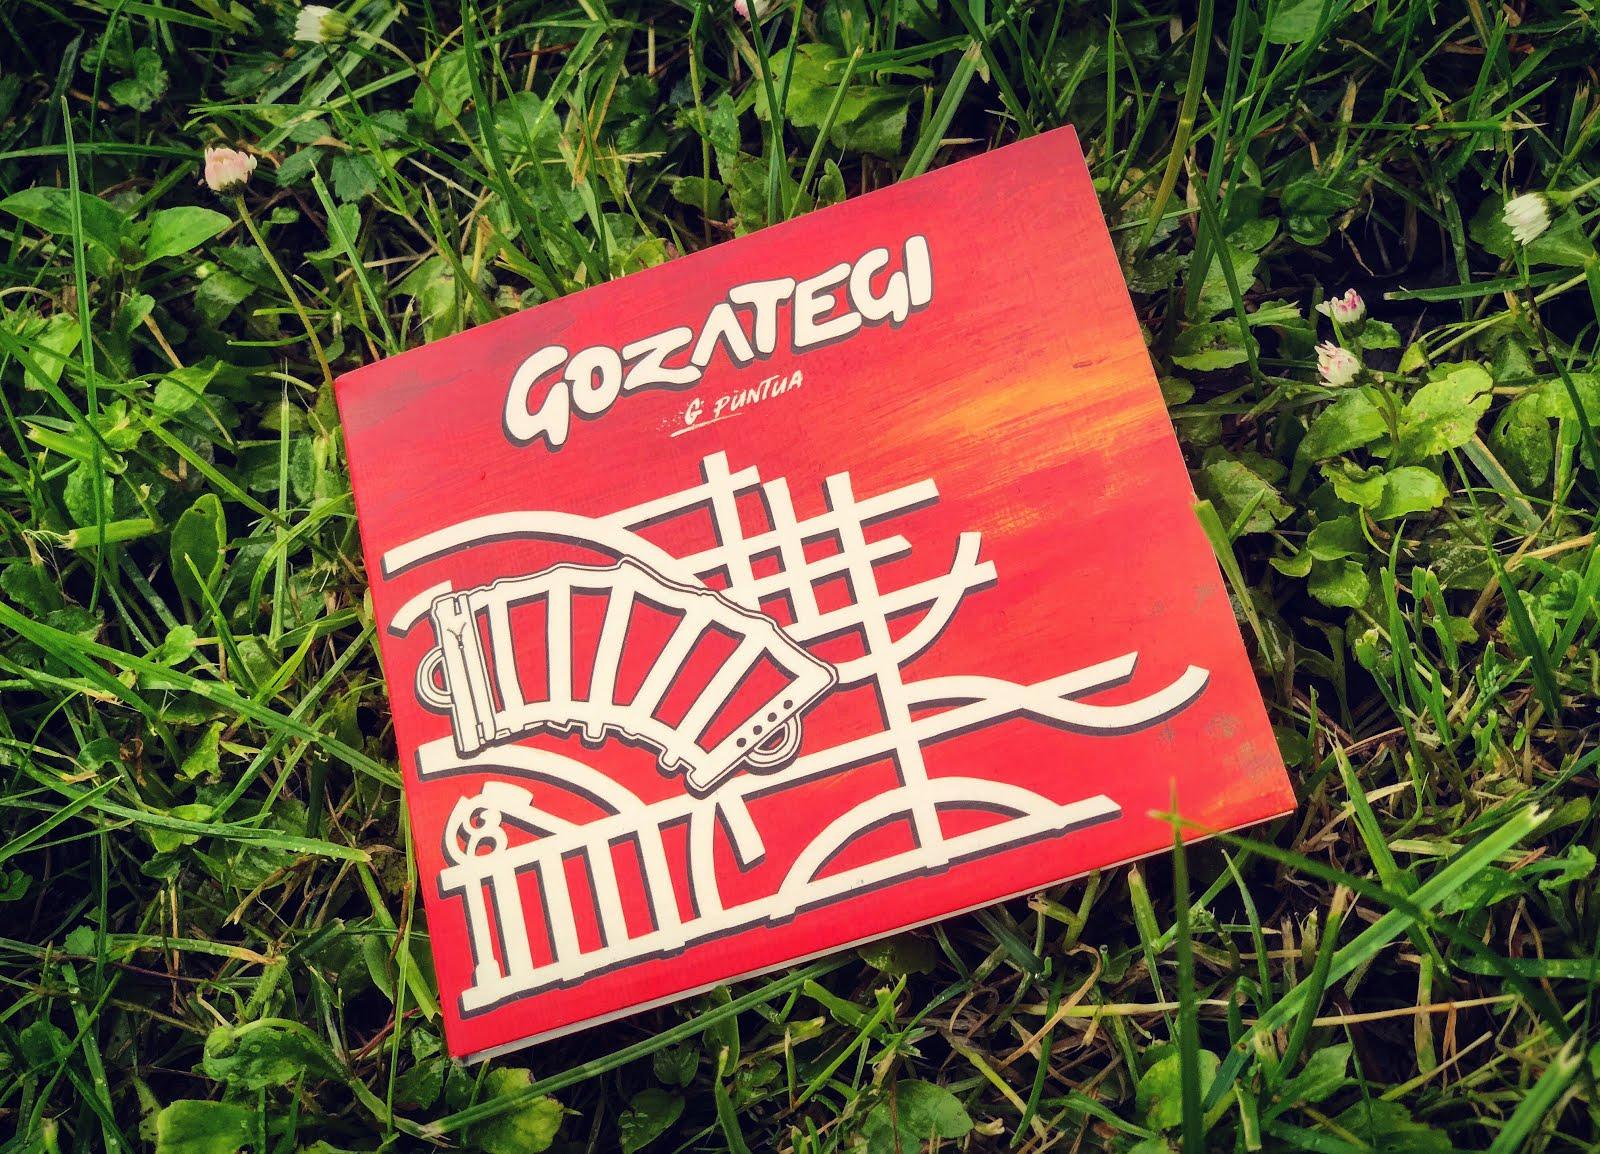 GOZATEGI - G Puntua